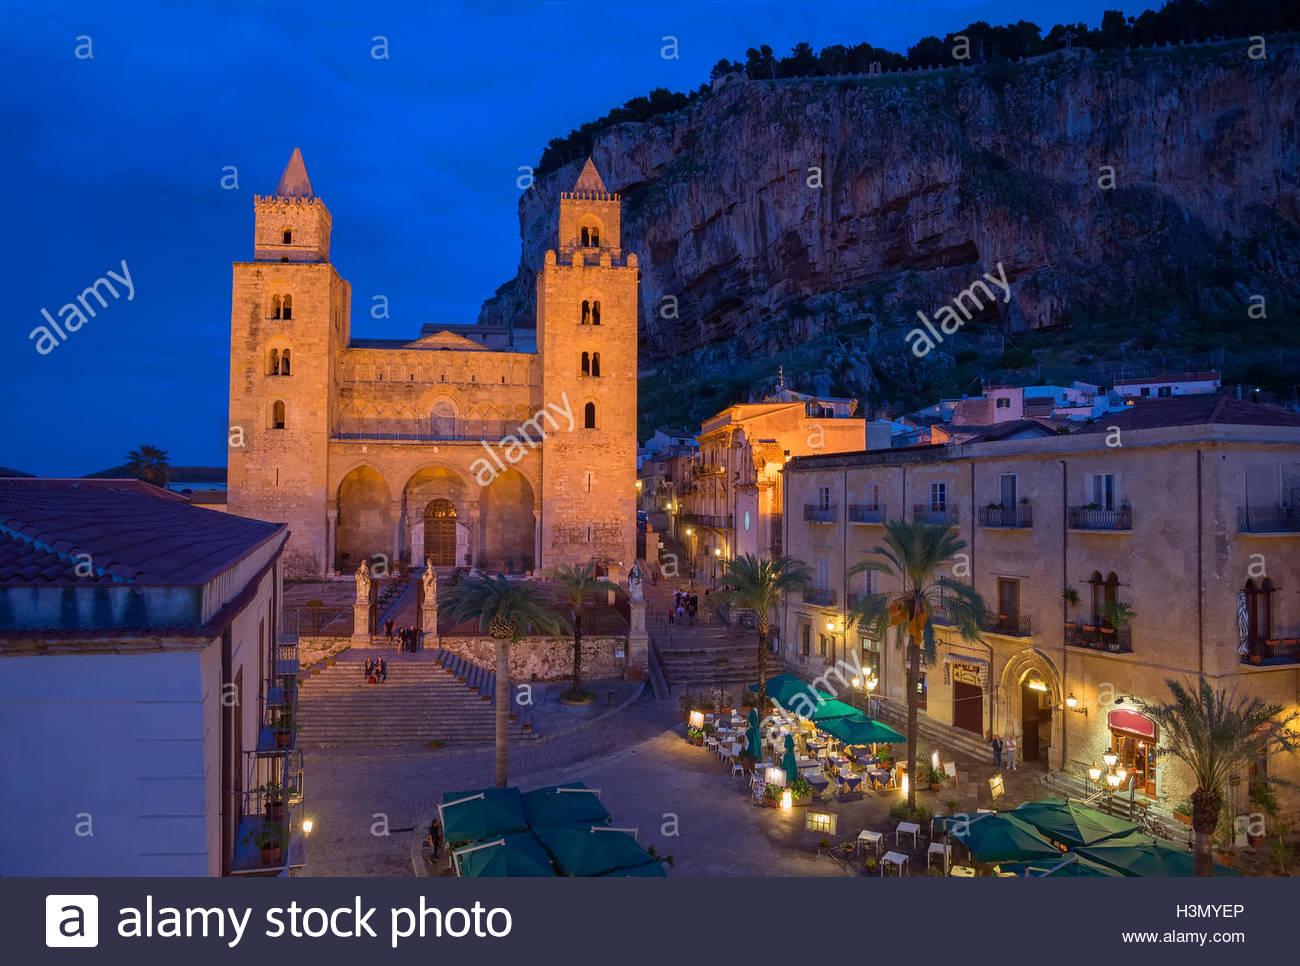 Catedral San Salvatore y la Rocca en la noche, Piazza Duomo Cefalu, Sicilia, Italia Imagen De Stock